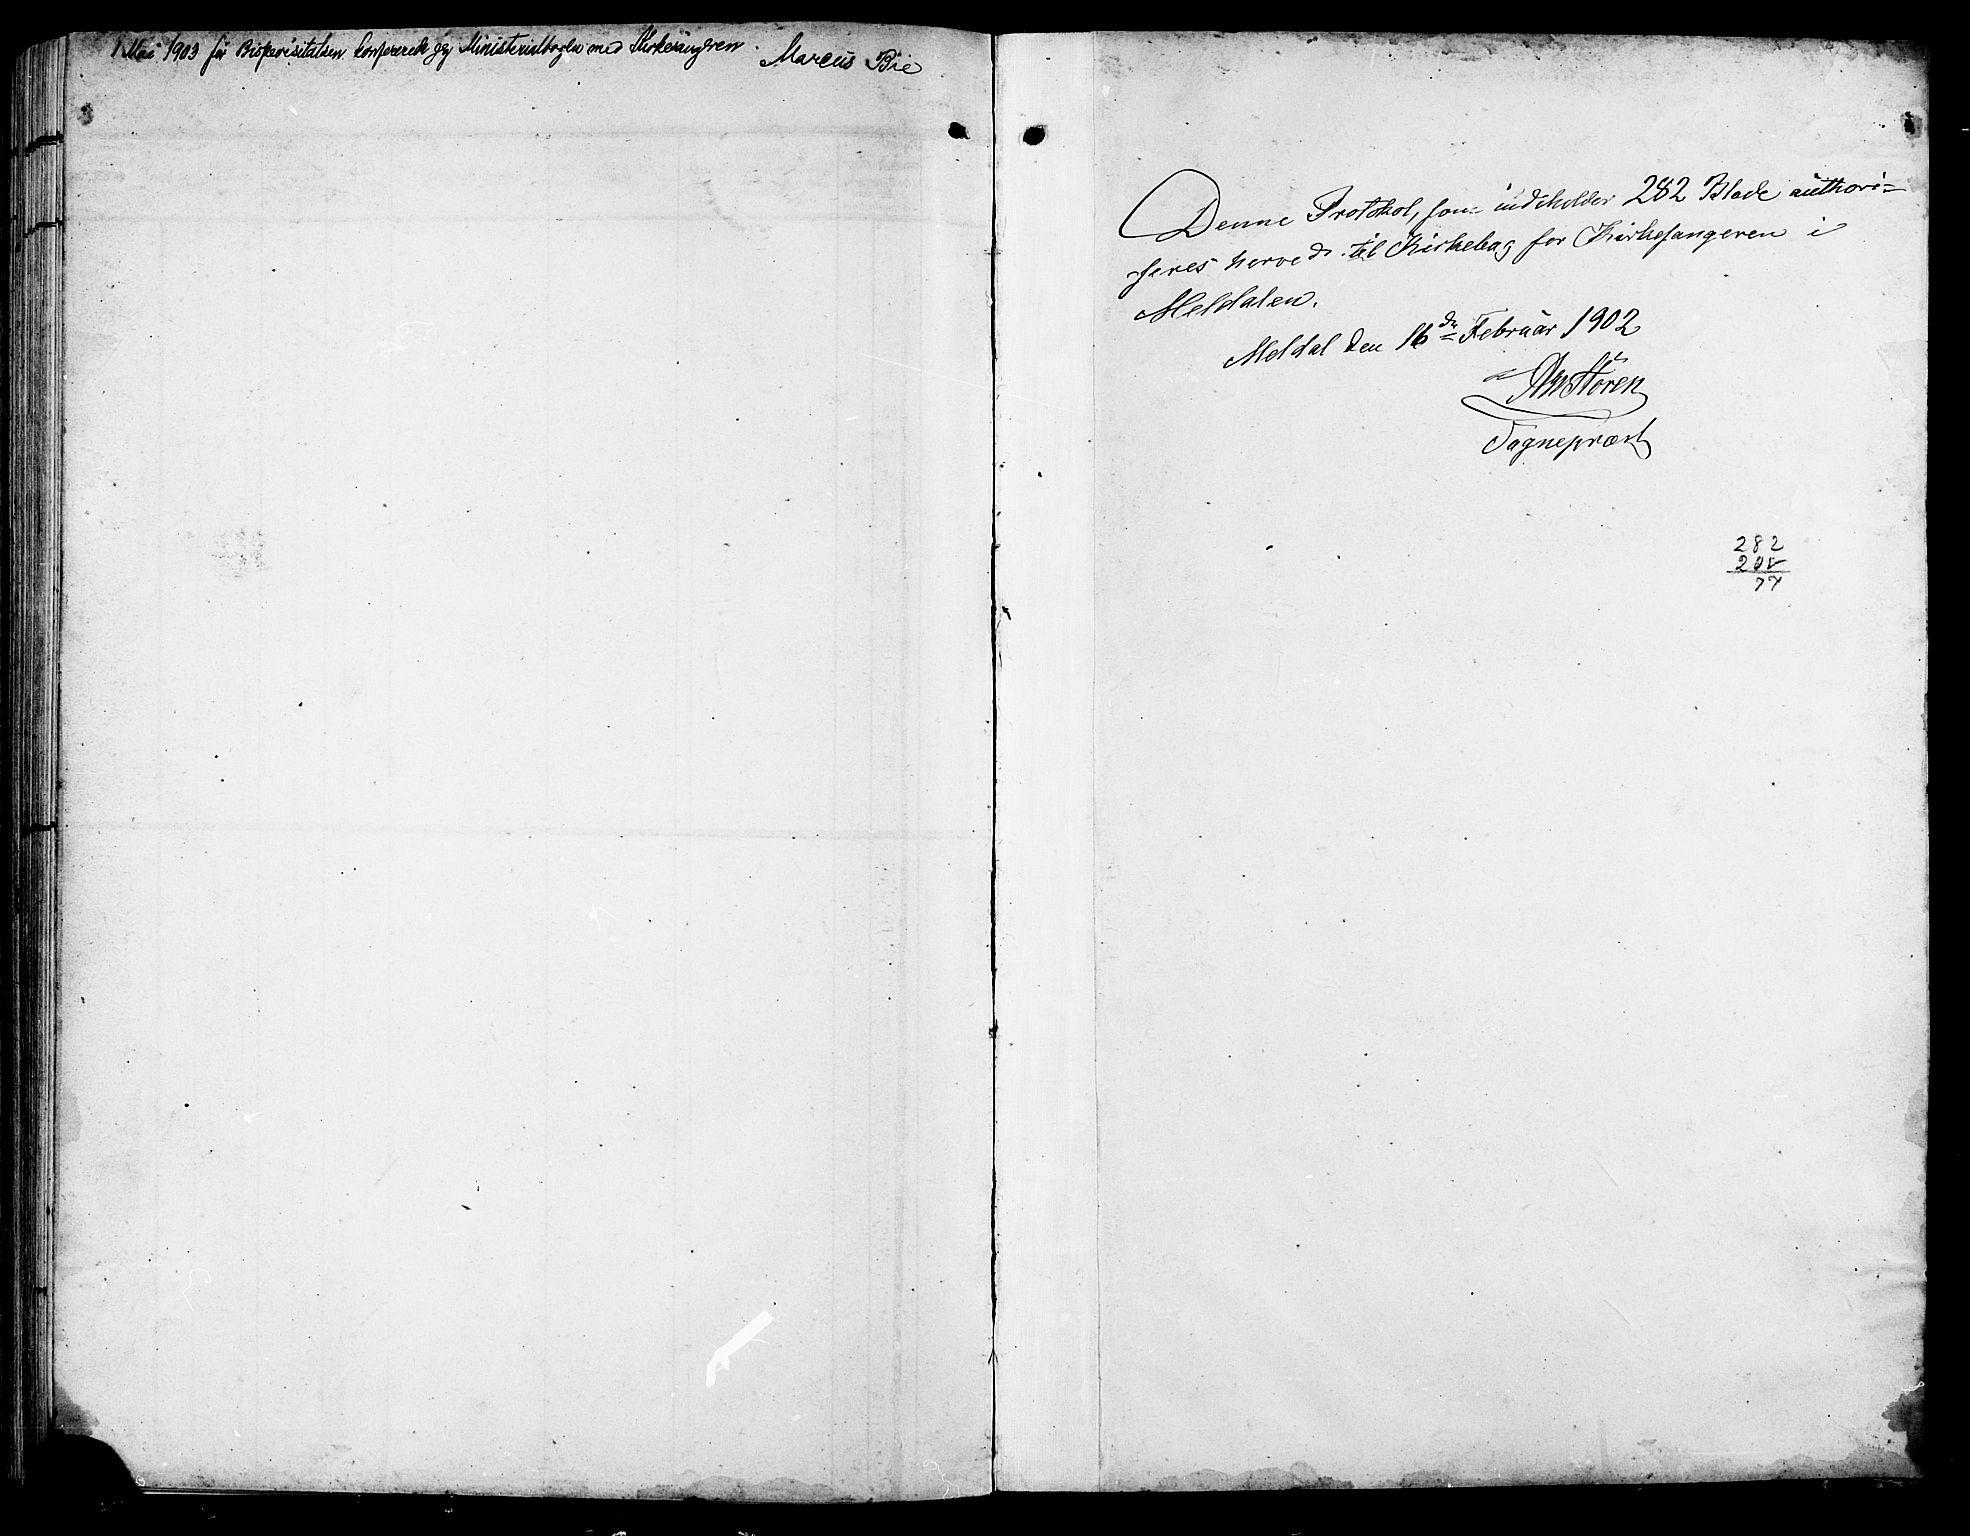 SAT, Ministerialprotokoller, klokkerbøker og fødselsregistre - Sør-Trøndelag, 672/L0864: Klokkerbok nr. 672C03, 1902-1914